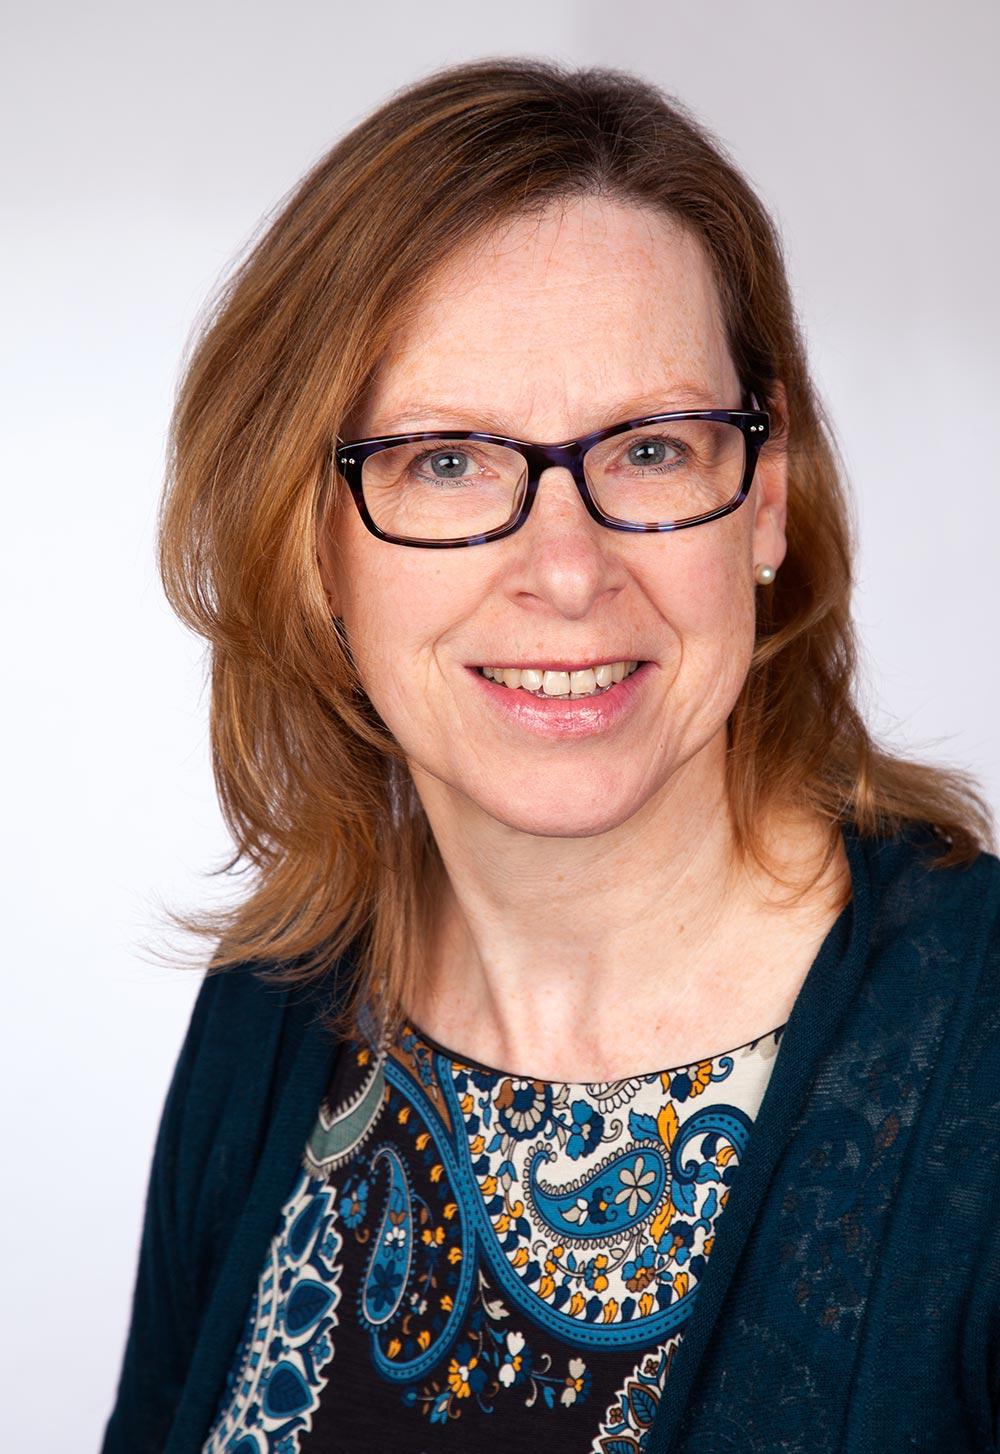 Birgit Hopp